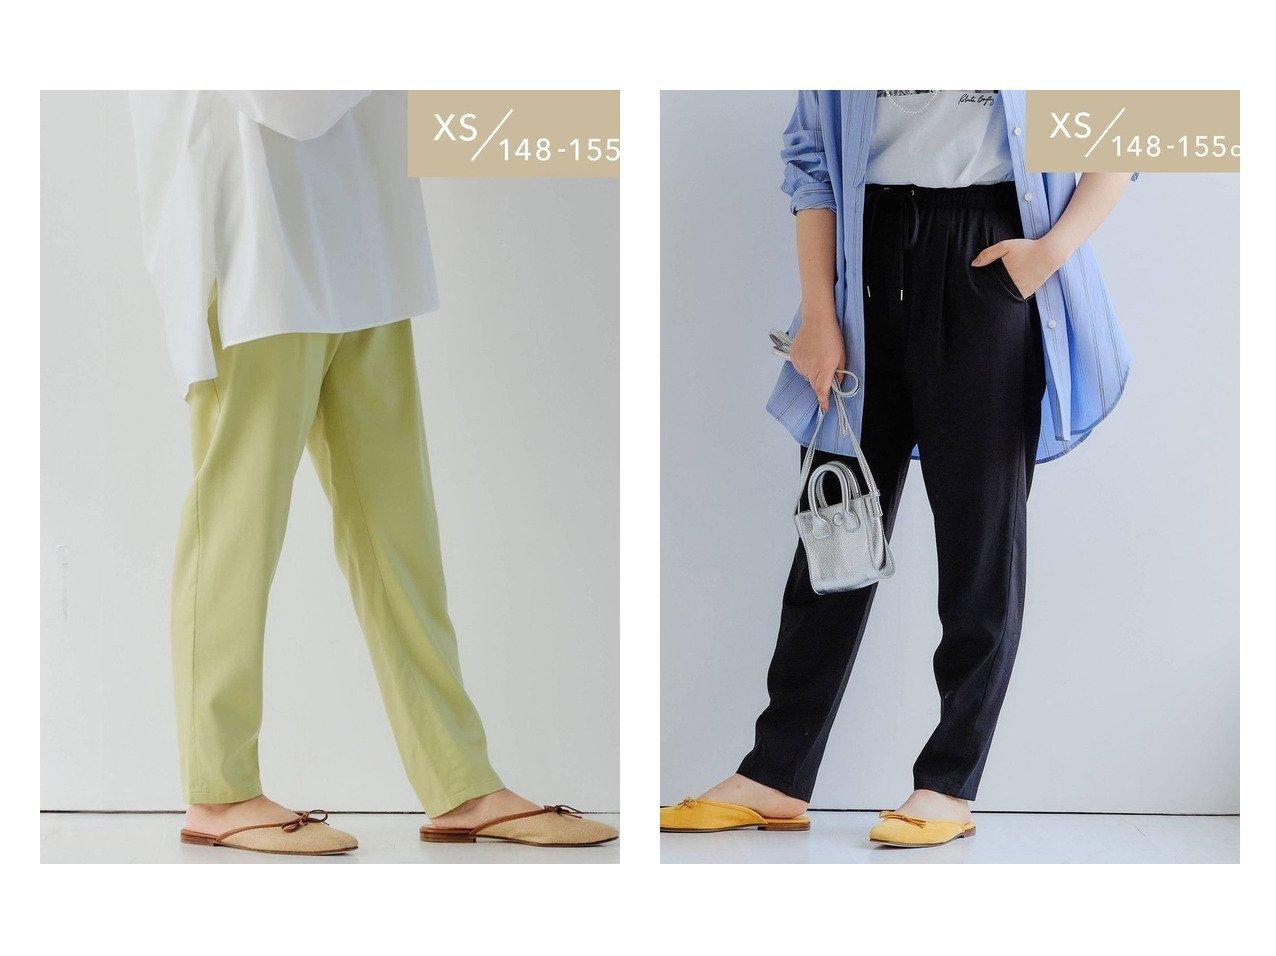 【green label relaxing / UNITED ARROWS/グリーンレーベル リラクシング / ユナイテッドアローズ】のH148-R ドロスト タック イージー パンツ XS ユナイテッドアローズのおすすめ!人気、トレンド・レディースファッションの通販 おすすめで人気の流行・トレンド、ファッションの通販商品 メンズファッション・キッズファッション・インテリア・家具・レディースファッション・服の通販 founy(ファニー) https://founy.com/ ファッション Fashion レディースファッション WOMEN パンツ Pants ウェーブ 春 Spring 秋 Autumn/Fall くるぶし ジーンズ スニーカー バランス ベーシック ポケット リラックス 再入荷 Restock/Back in Stock/Re Arrival NEW・新作・新着・新入荷 New Arrivals おすすめ Recommend  ID:crp329100000020684